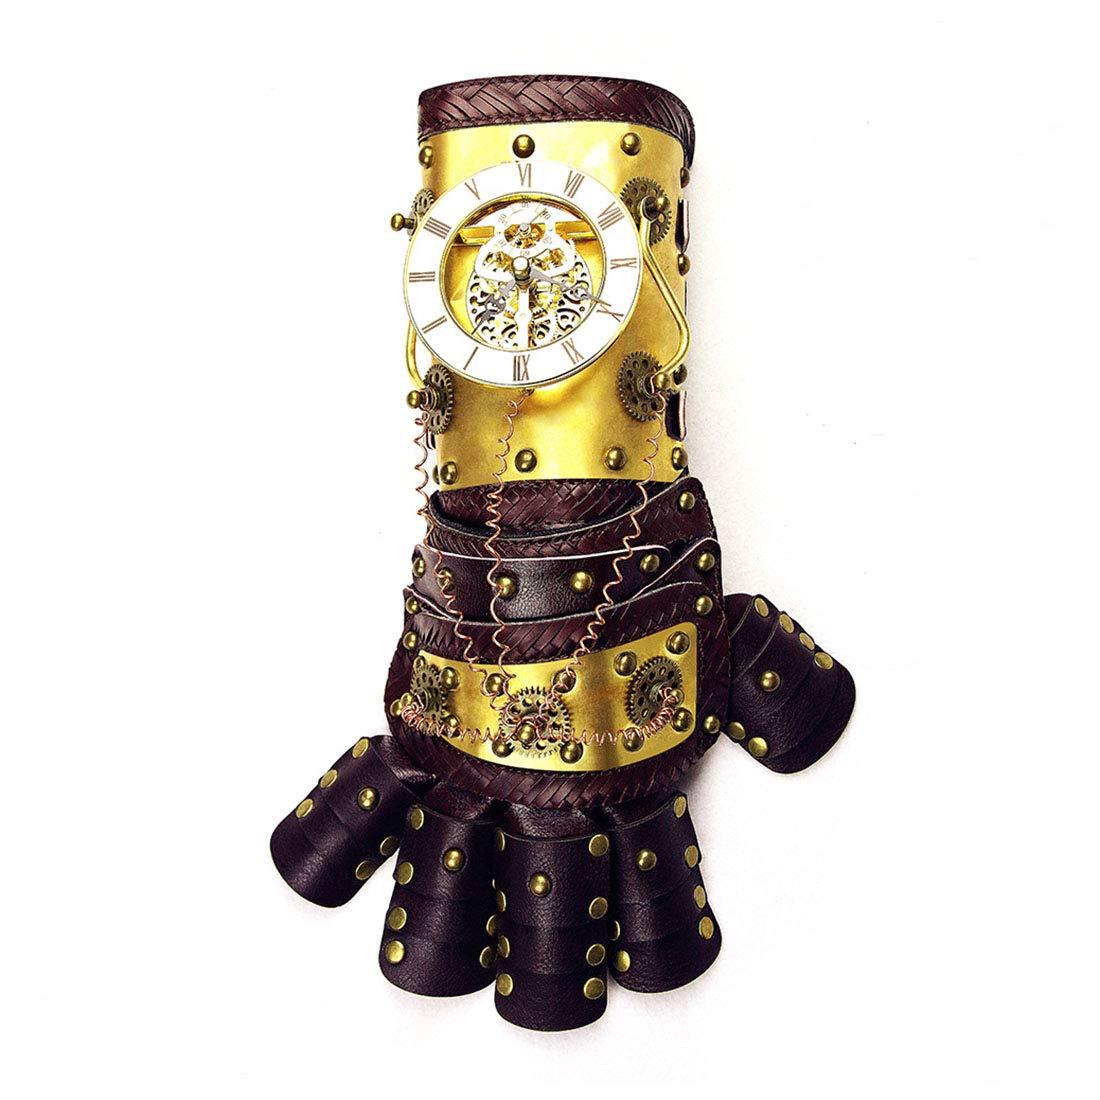 LINANNAV War Gauntlet Gold Arm Handschuh mit Horologe Getriebe Cosplay Kostüm Steampunk Requisiten Zubehör mit Geschenk-Box (Farbe : Gold)